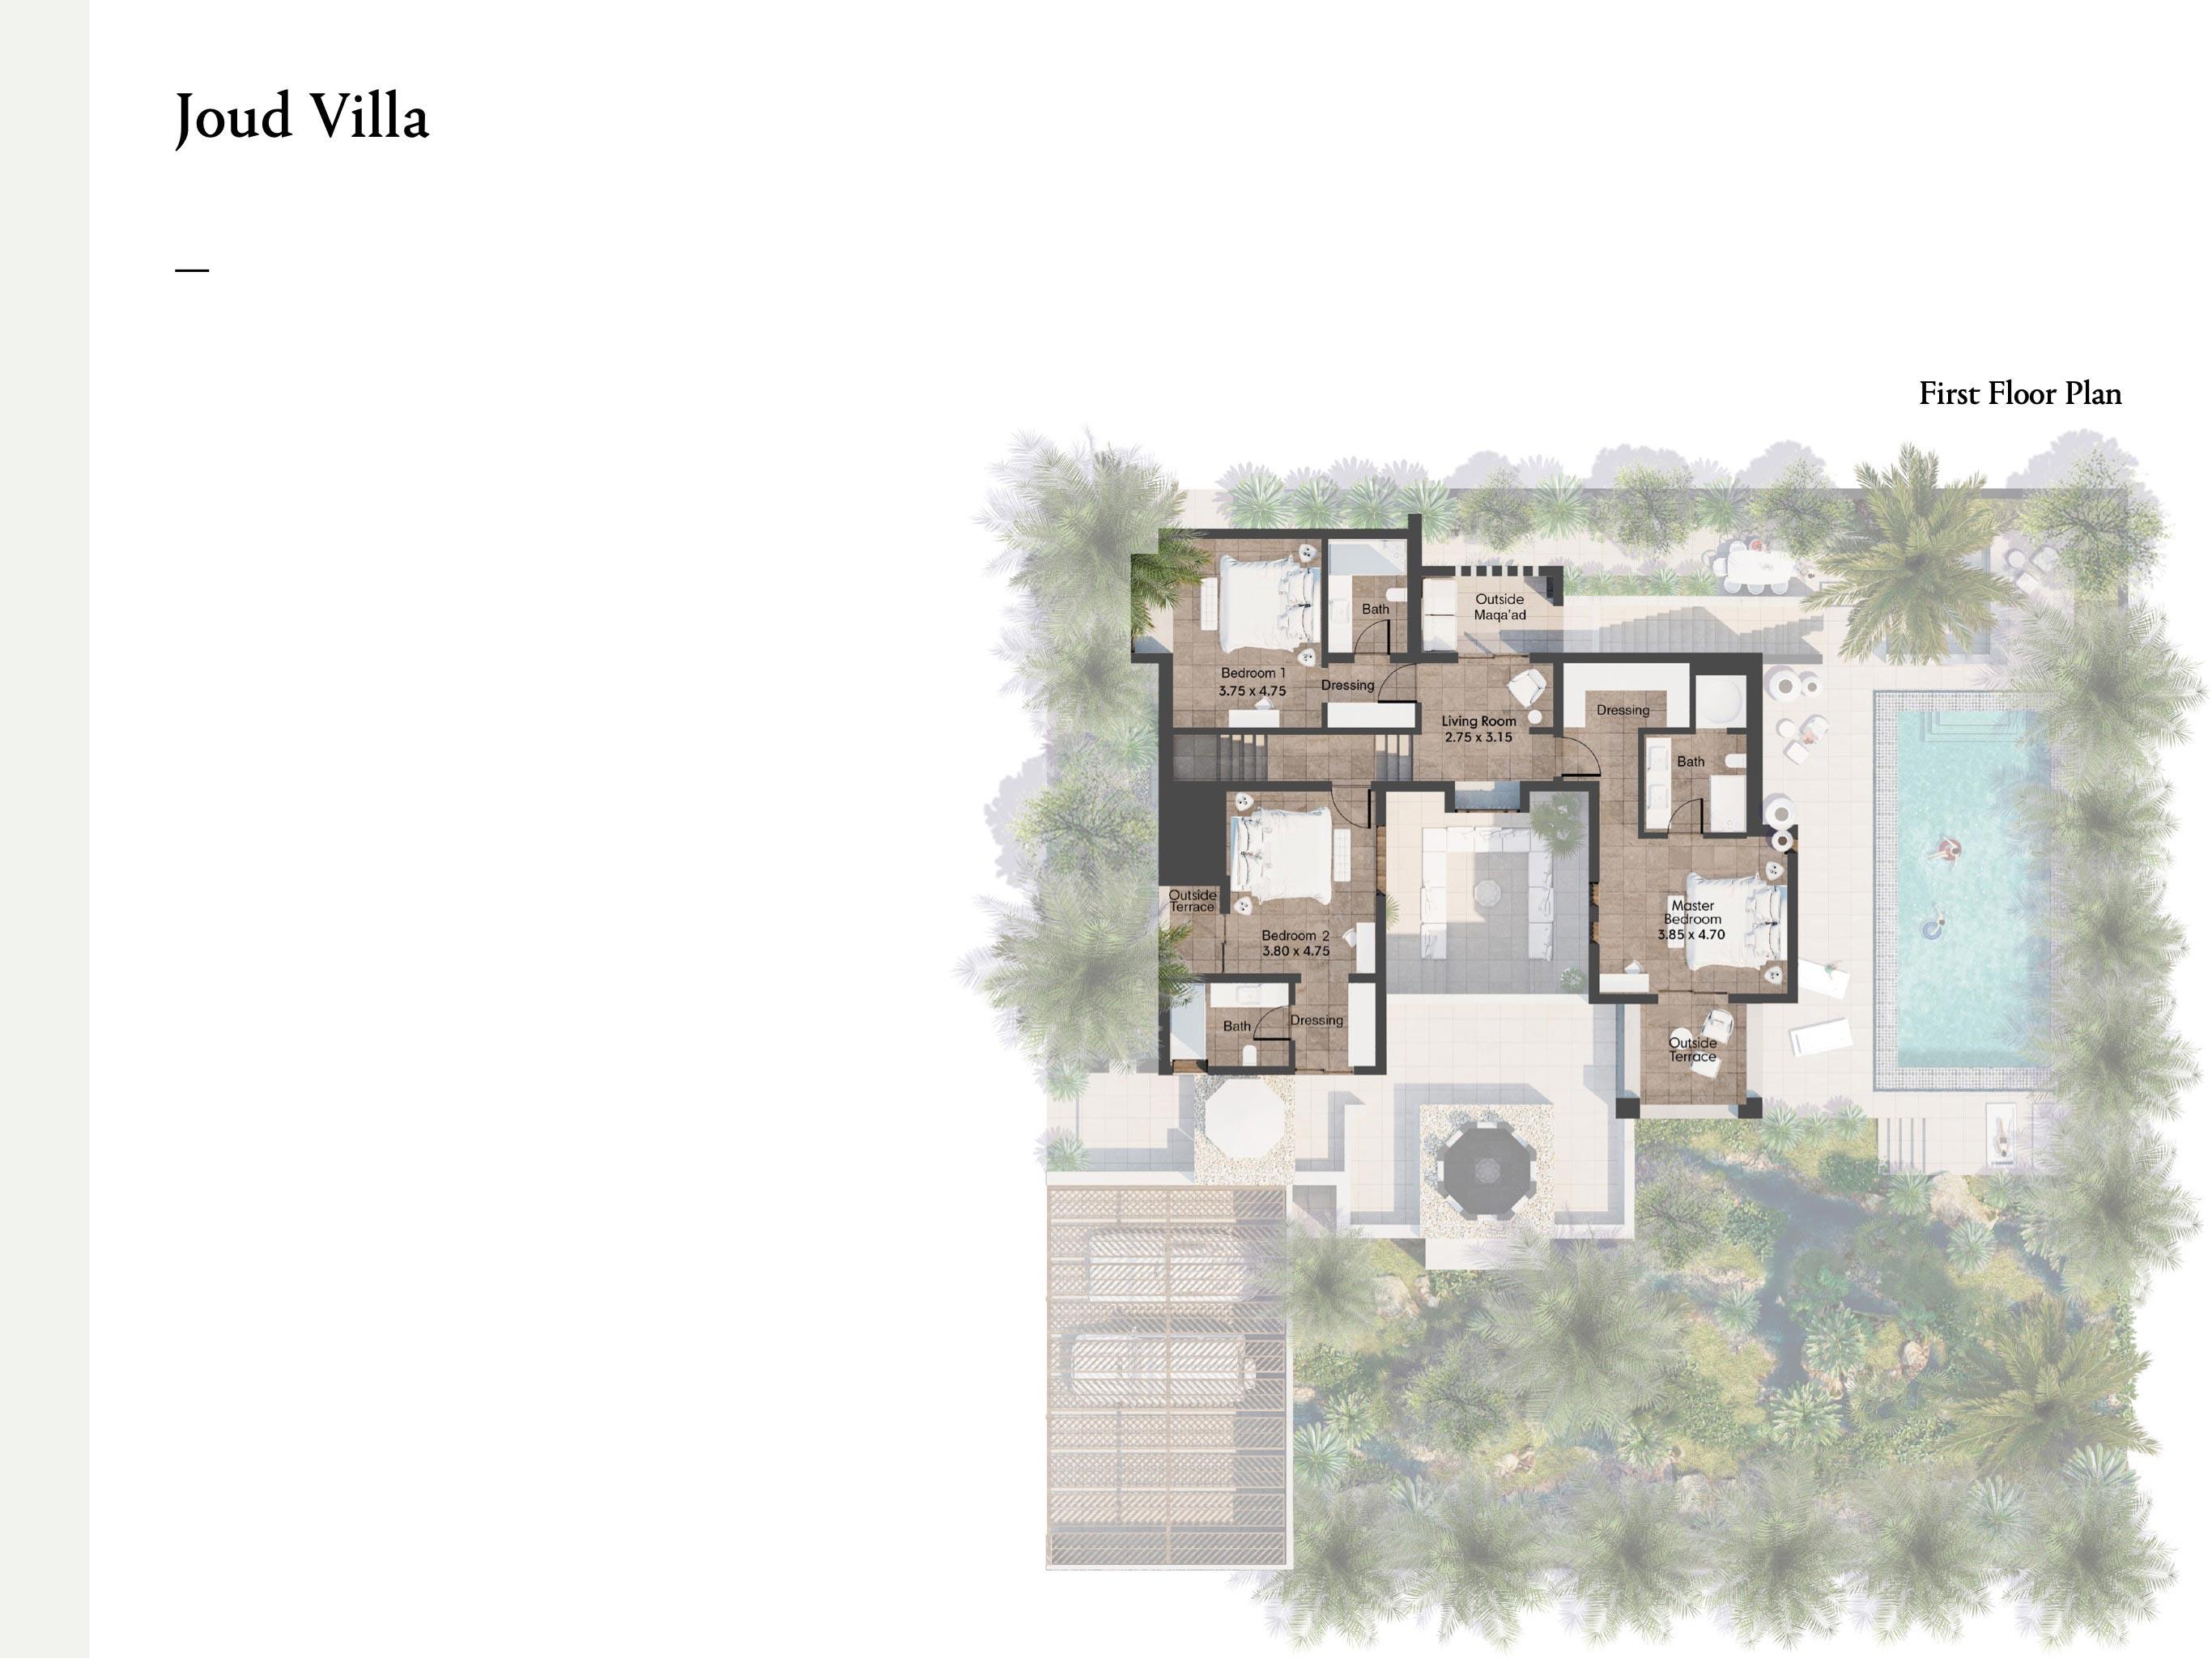 ثلاث غرف نوم مع الحجم 422 متر مربع